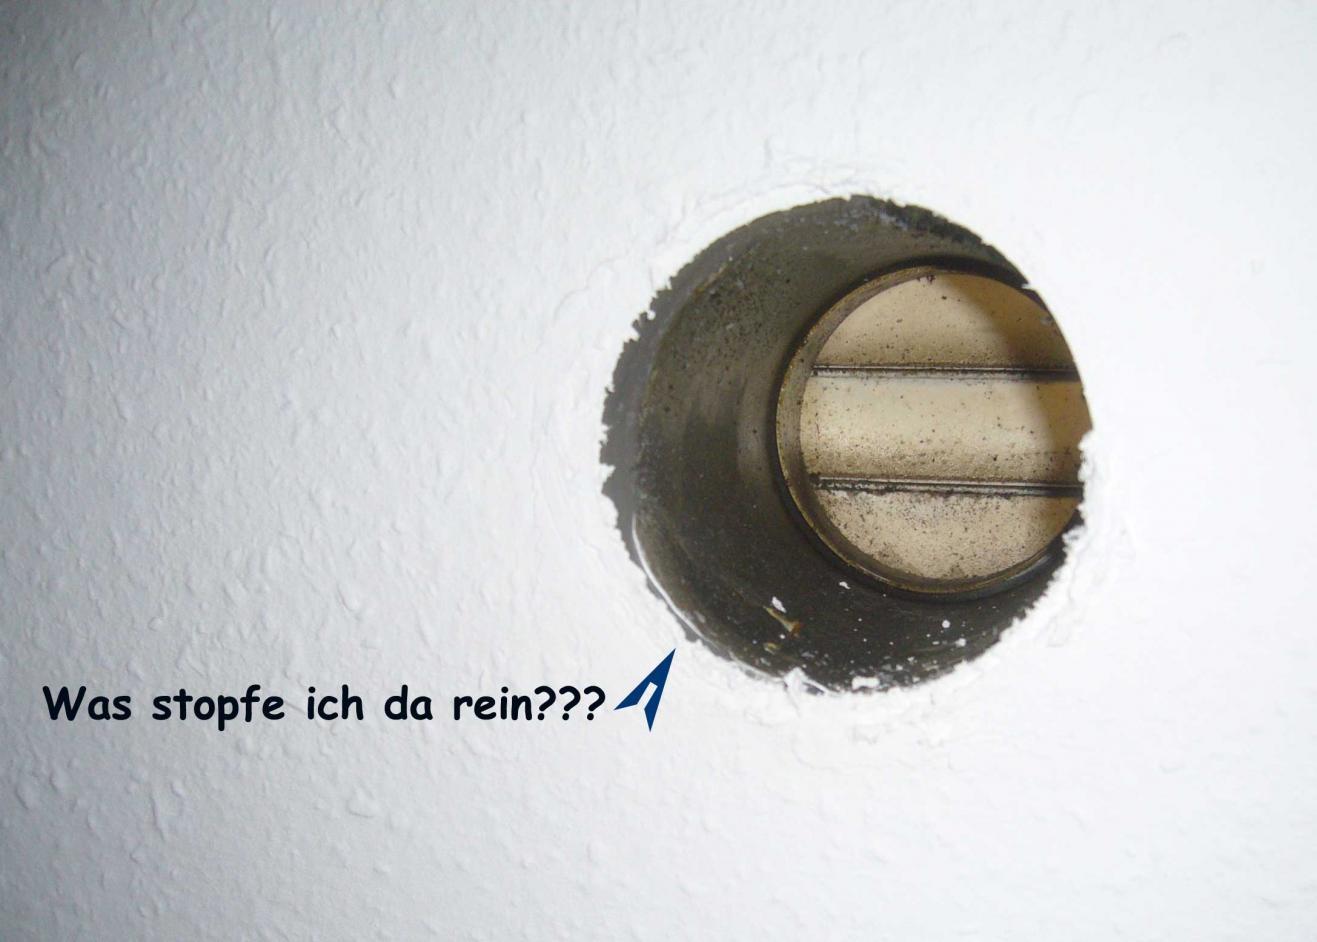 Gut gemocht Abluft-/Abzugsrohr vom Dunstabzug ausstopfen? EY15